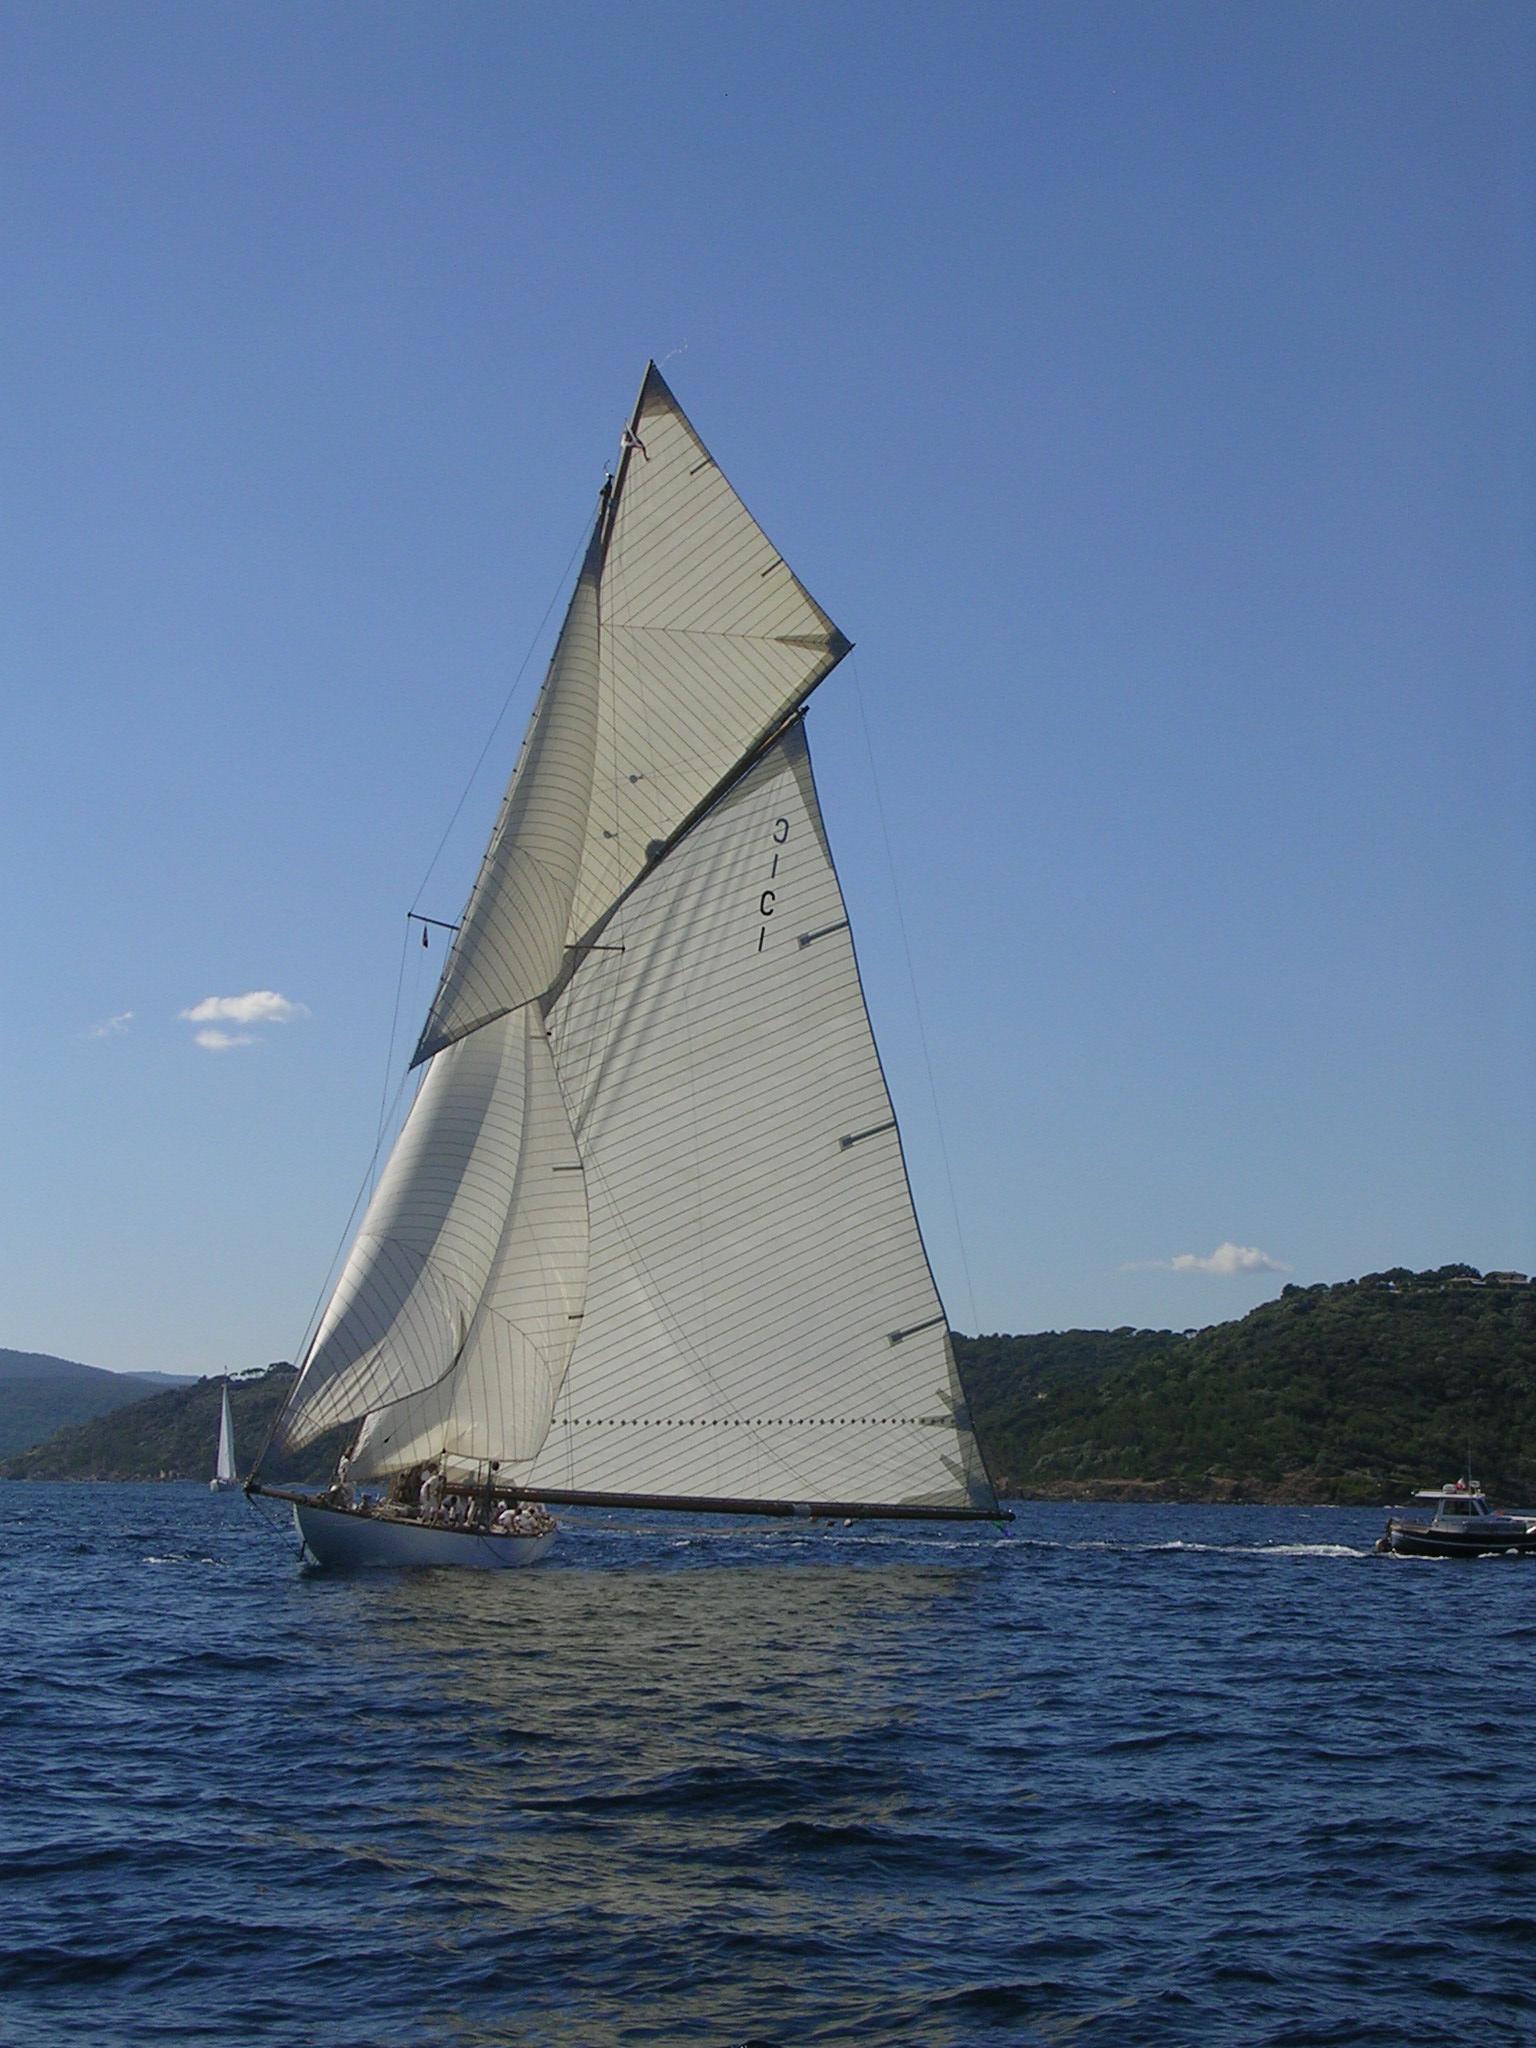 dscn3305